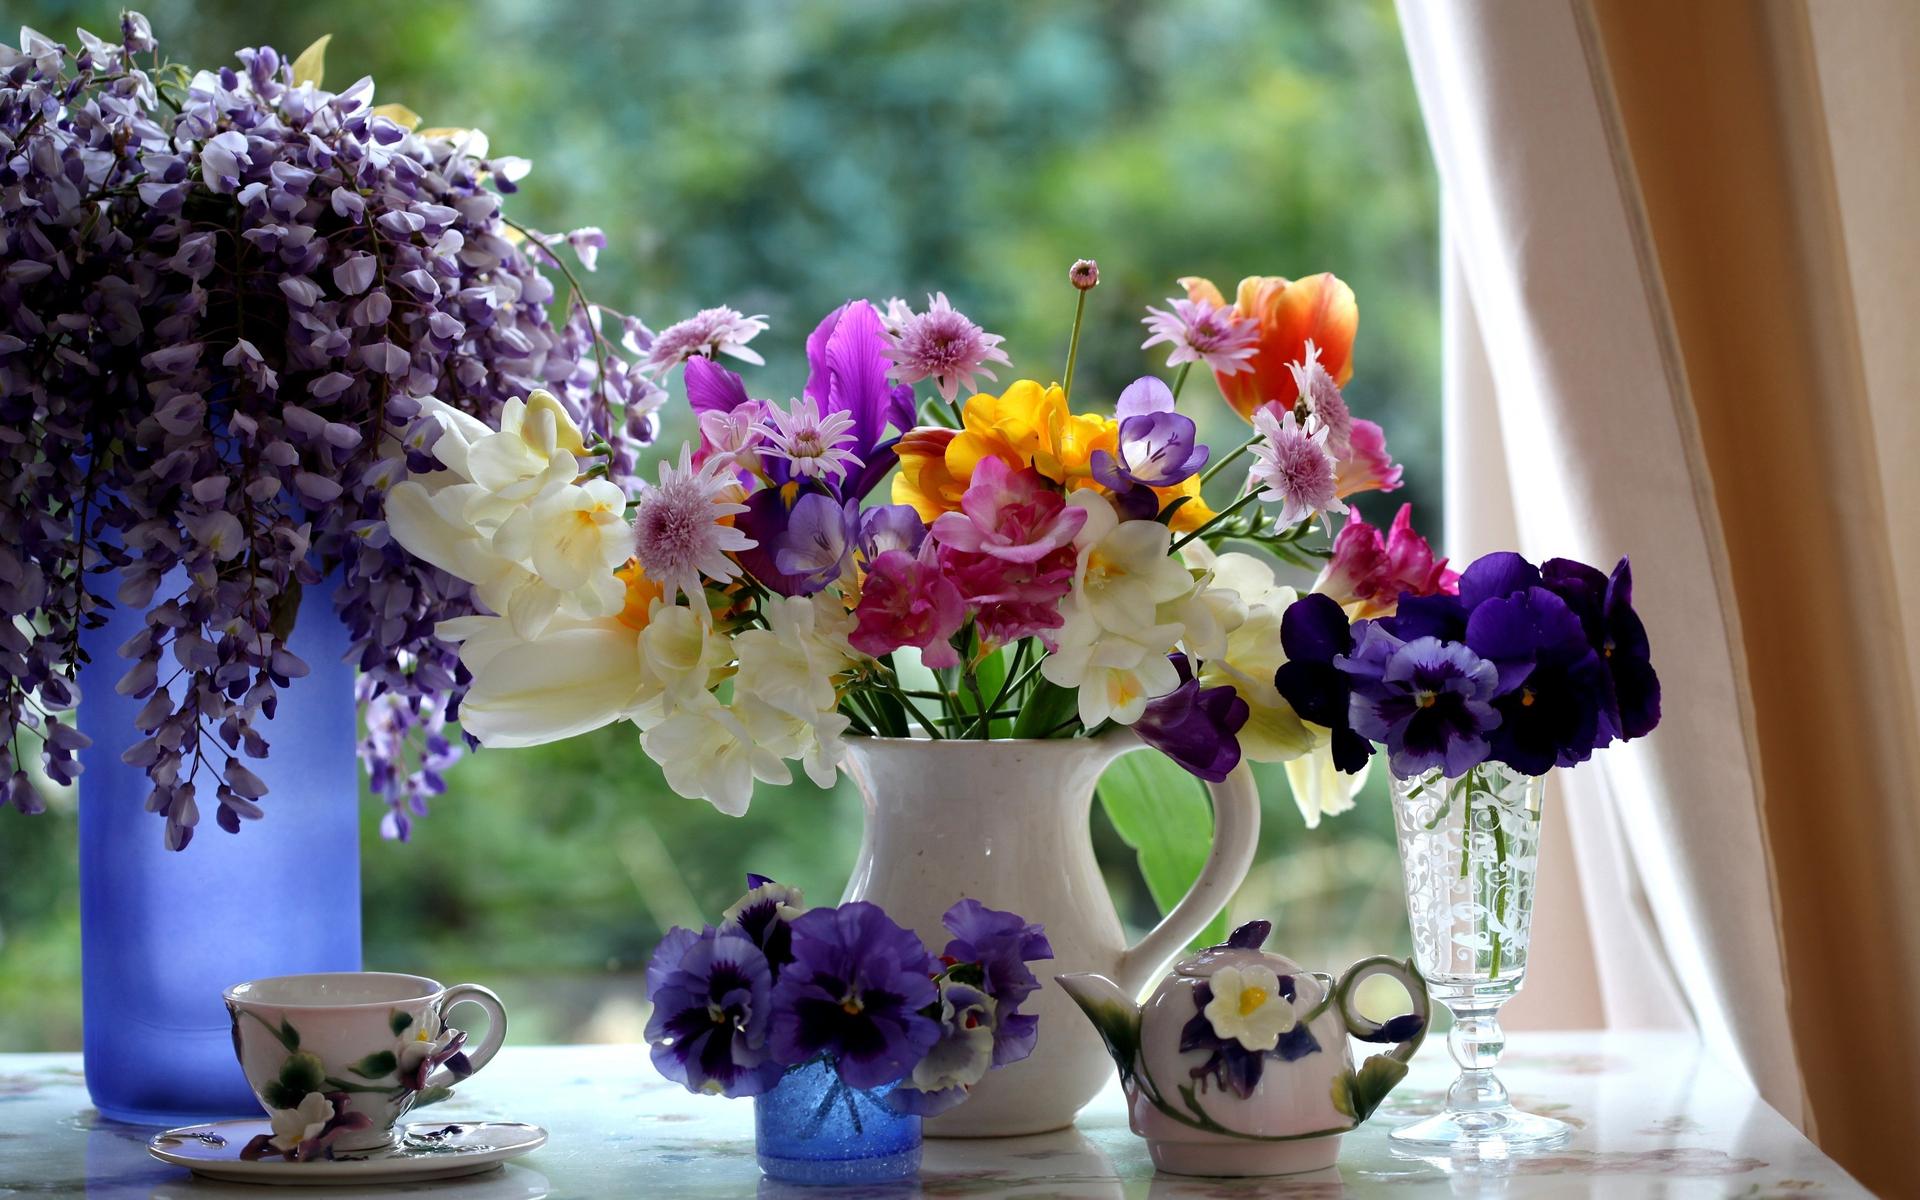 Hình ảnh mùa xuân đẹp nhất